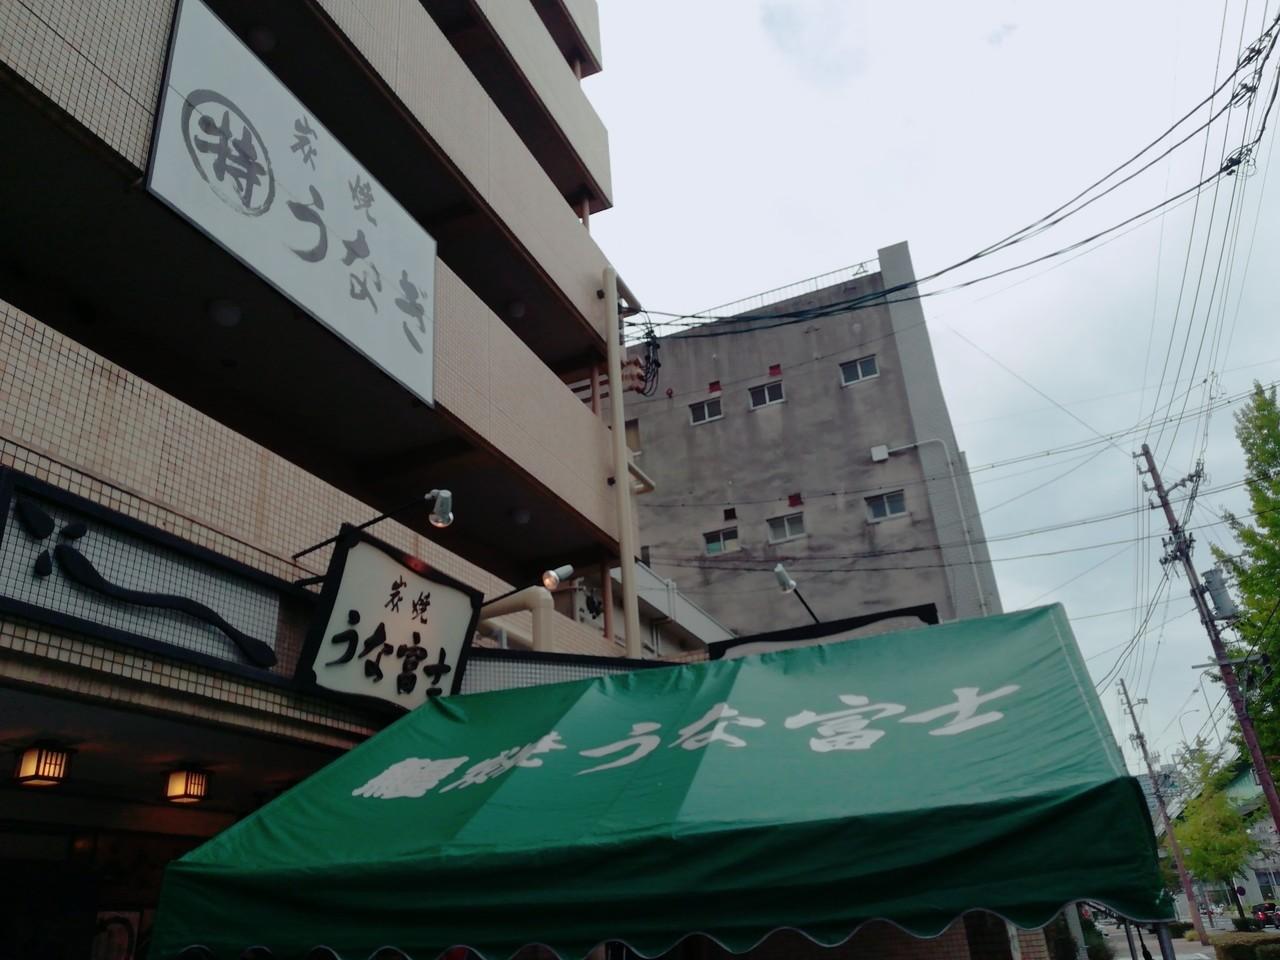 名古屋市昭和区のうなぎの名店。 うな富士🗻